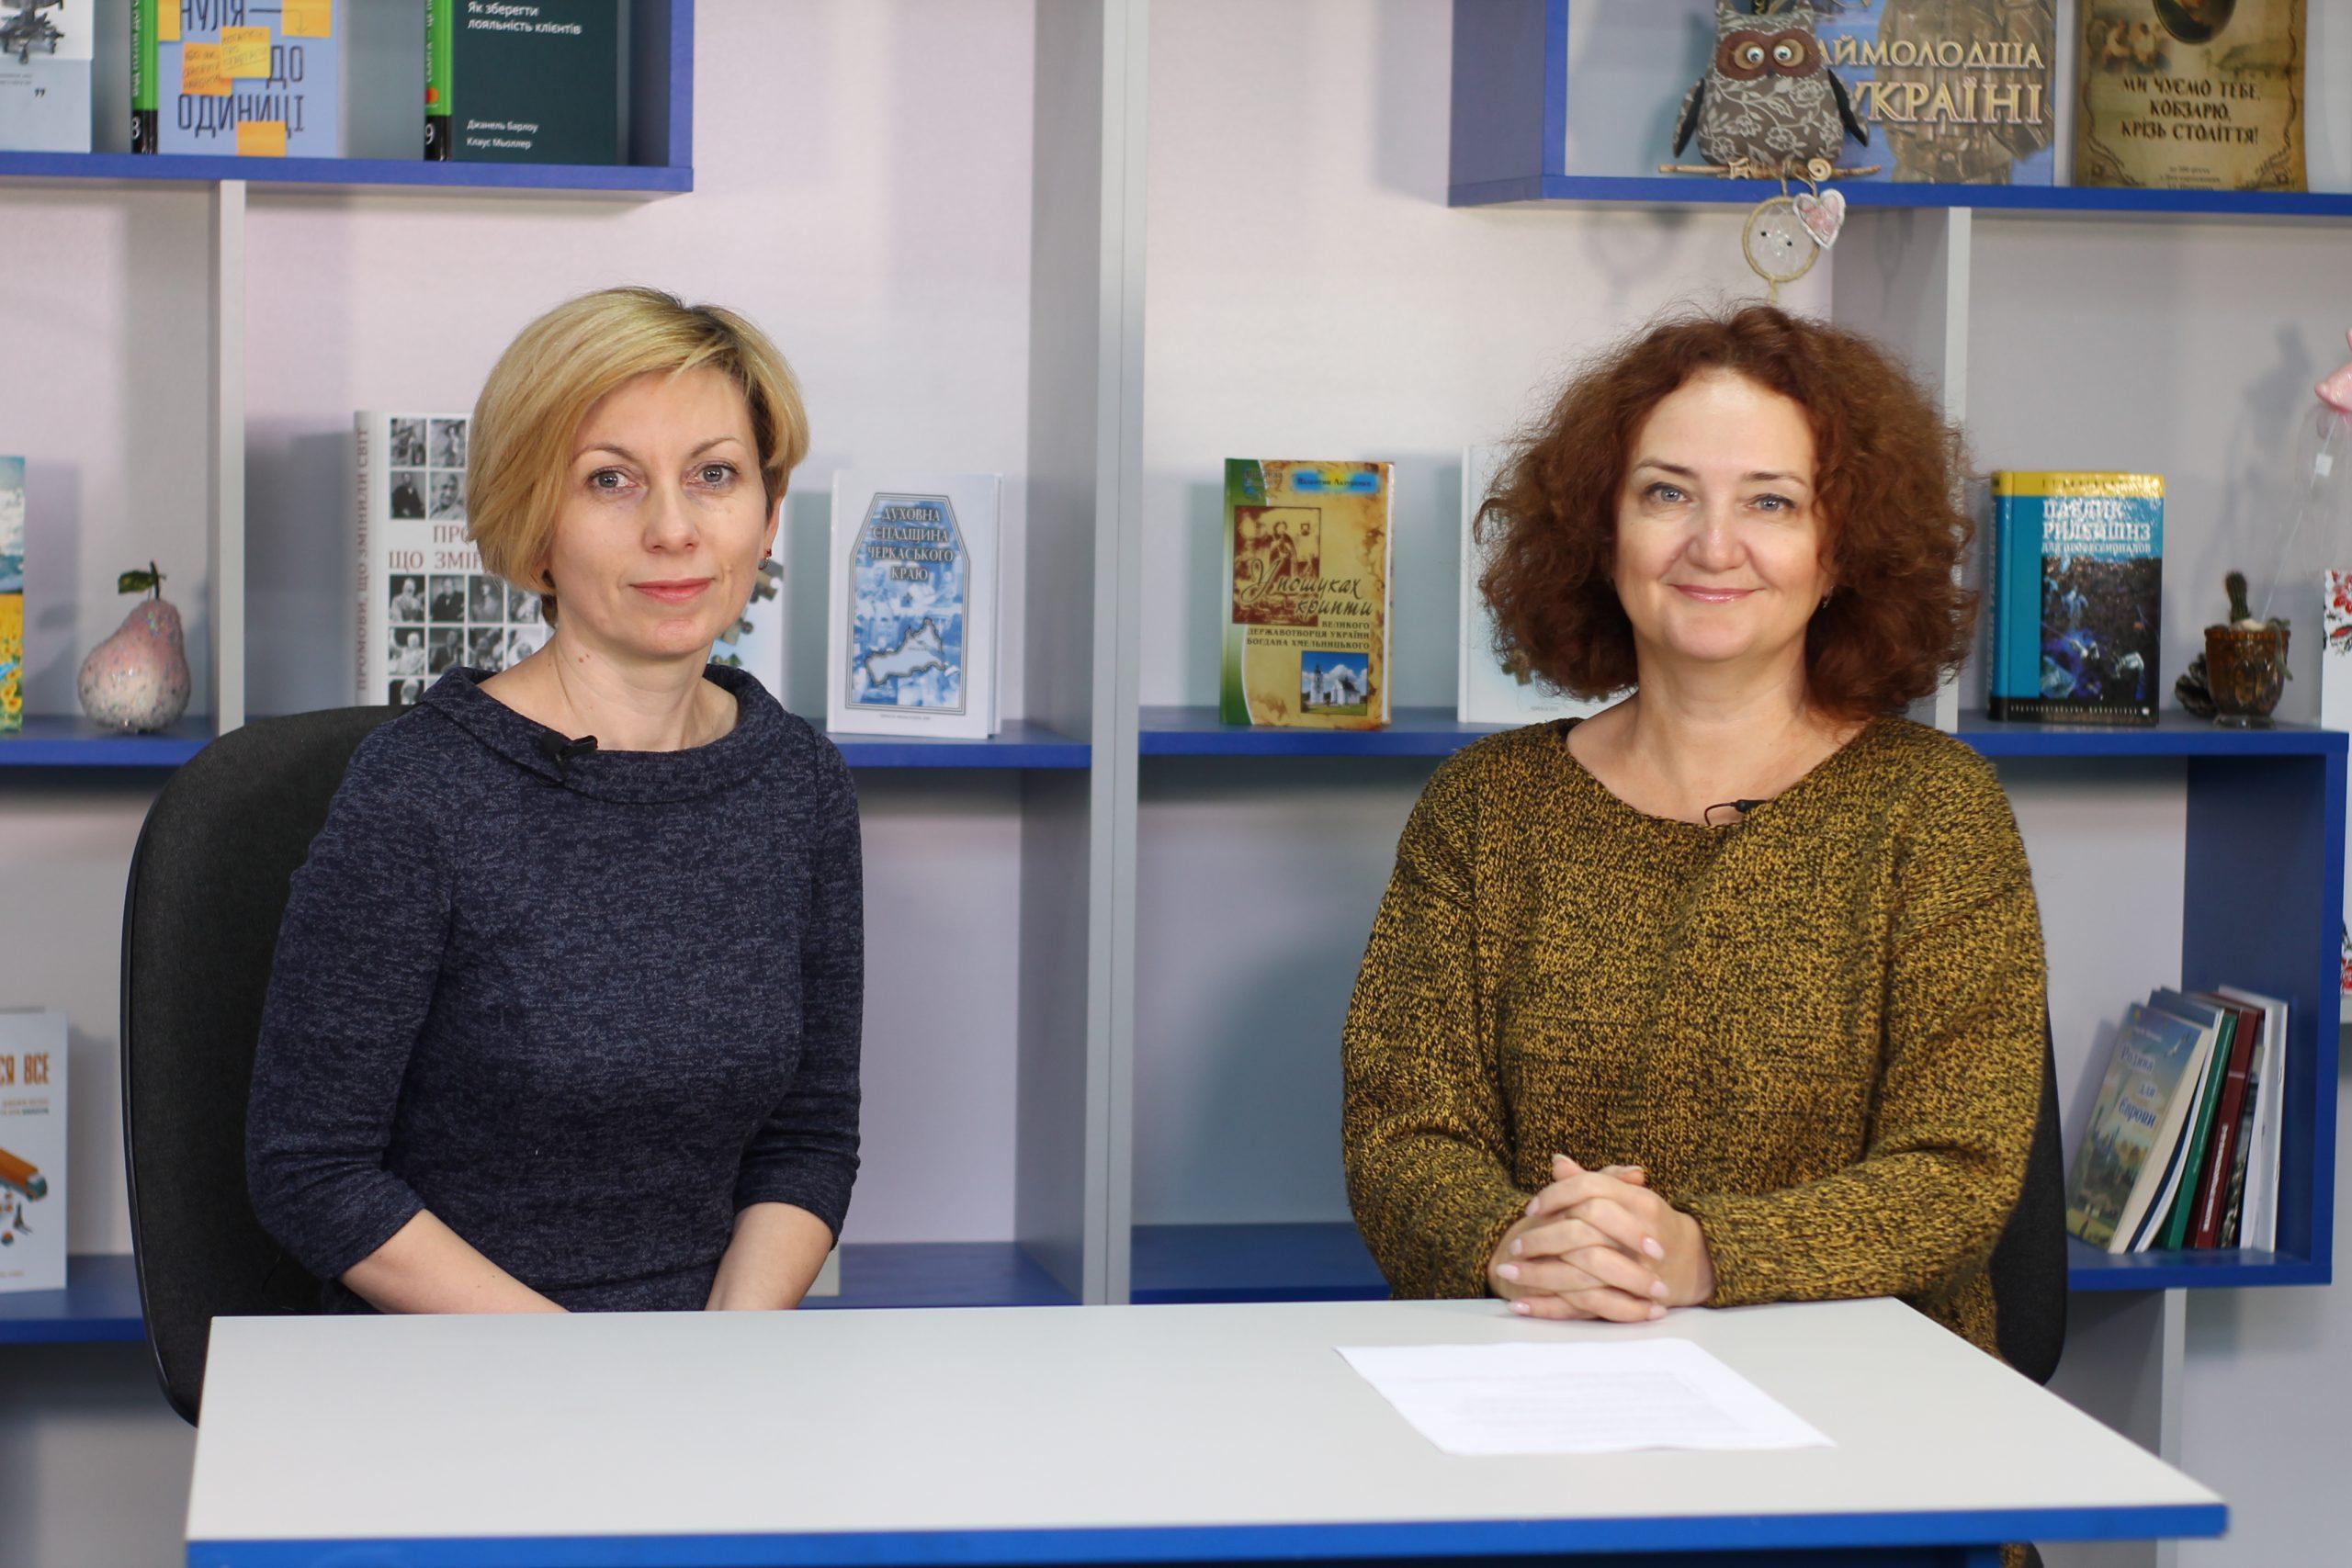 Оксана Компанієць розповіла про специфіку діяльності Державної служби якості освіти